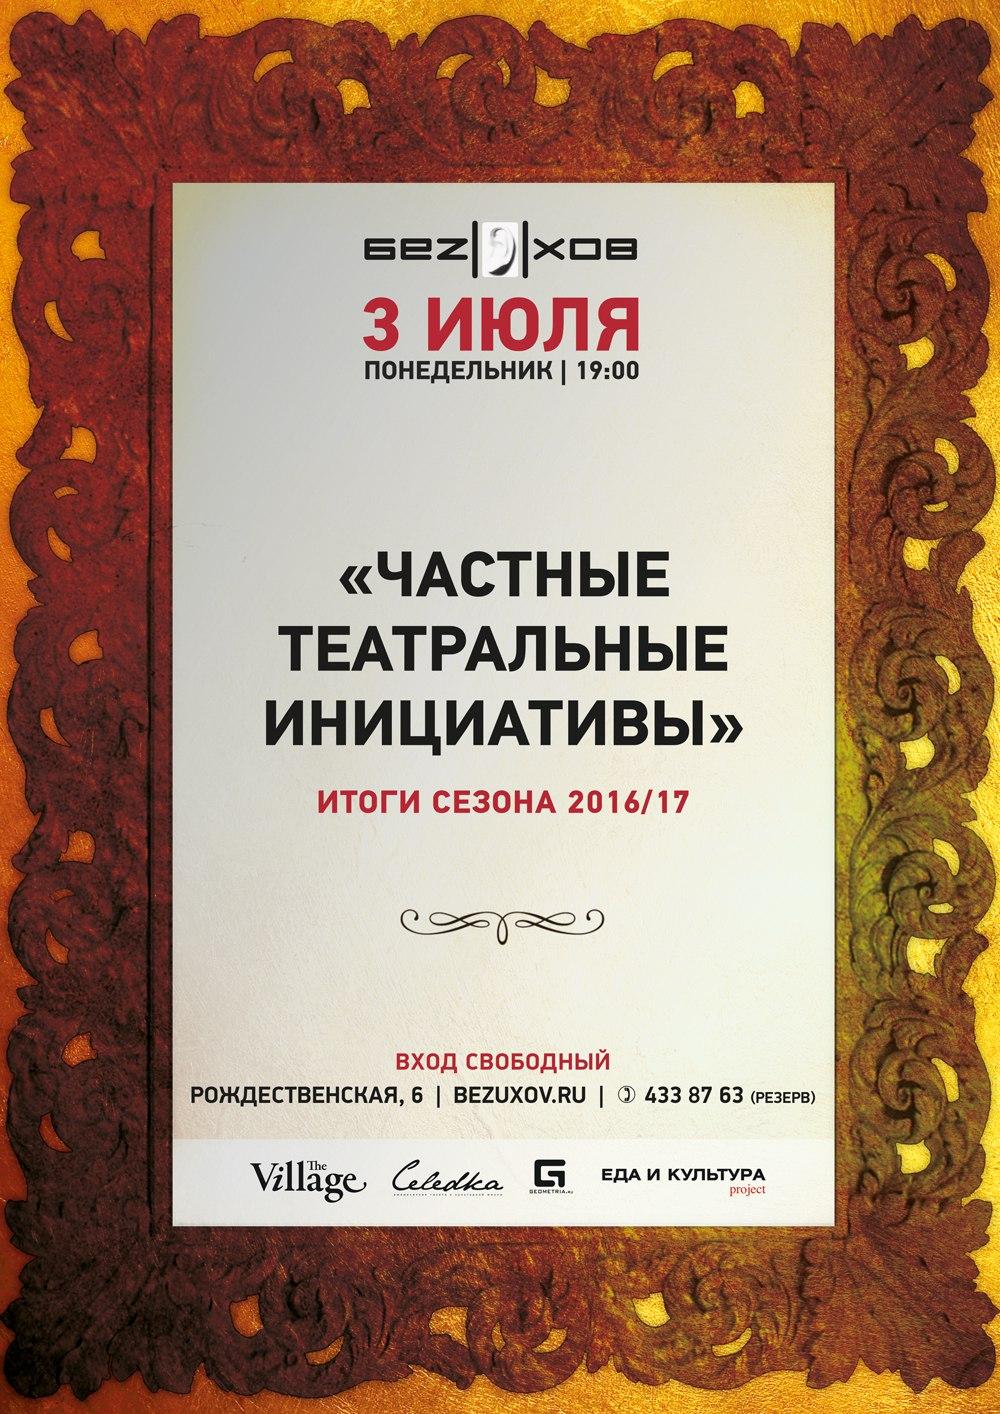 Обсуждение частных театральных инициатив Нижнего Новгорода